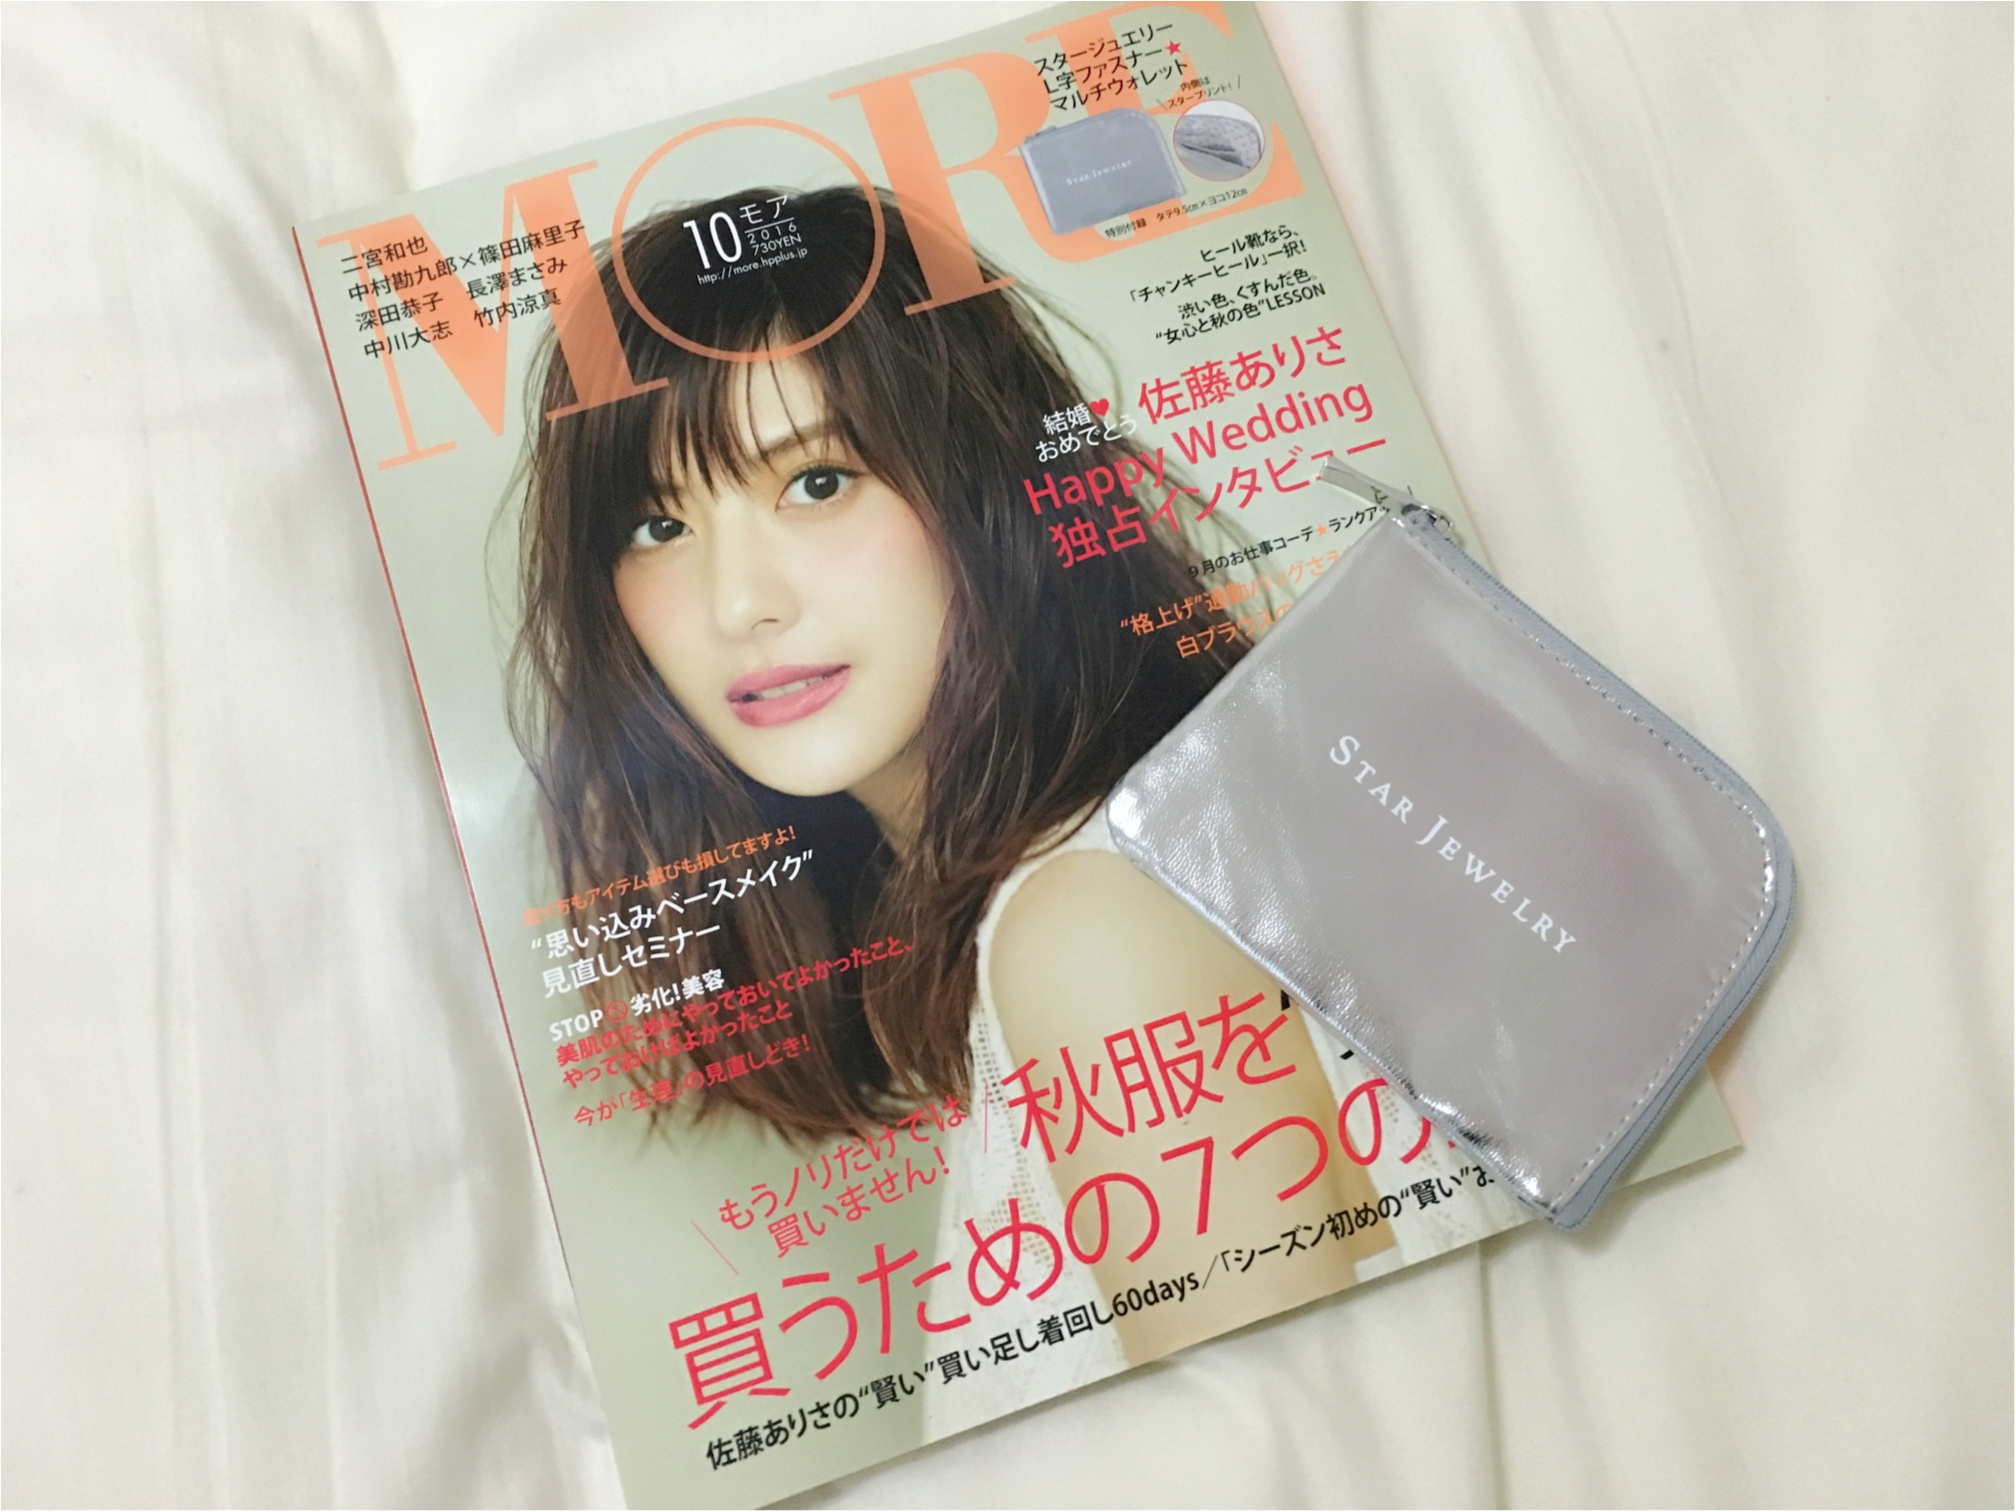 ★《本日発売》MORE10月号 ayachilleのおすすめ記事はコレ!!_1